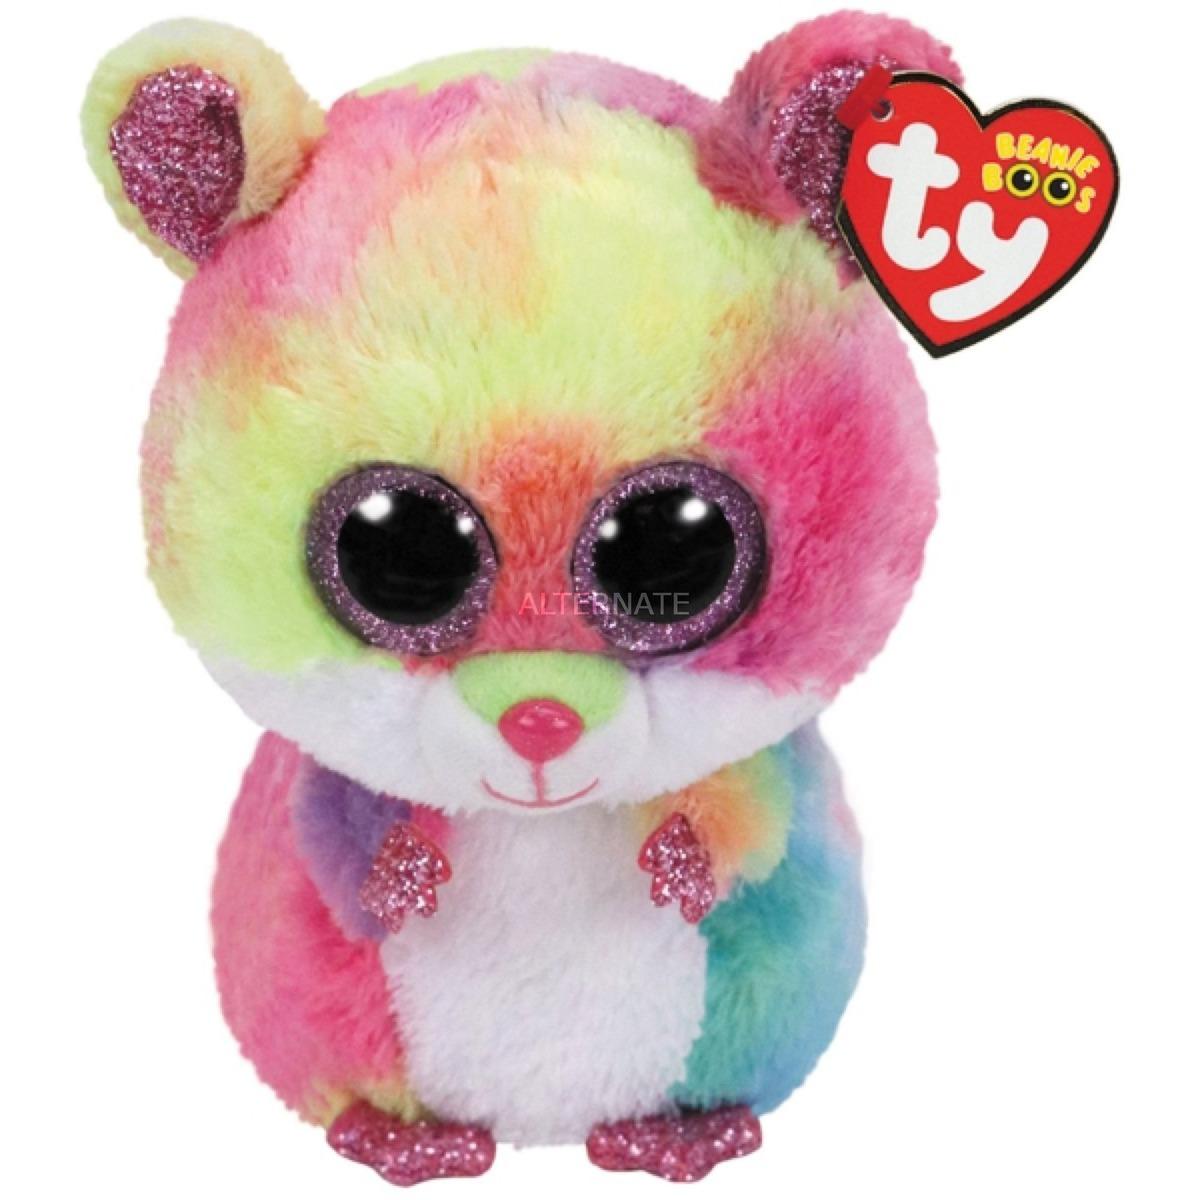 7136214 juguete de peluche Animales de juguete Multicolor Tela, Peluches